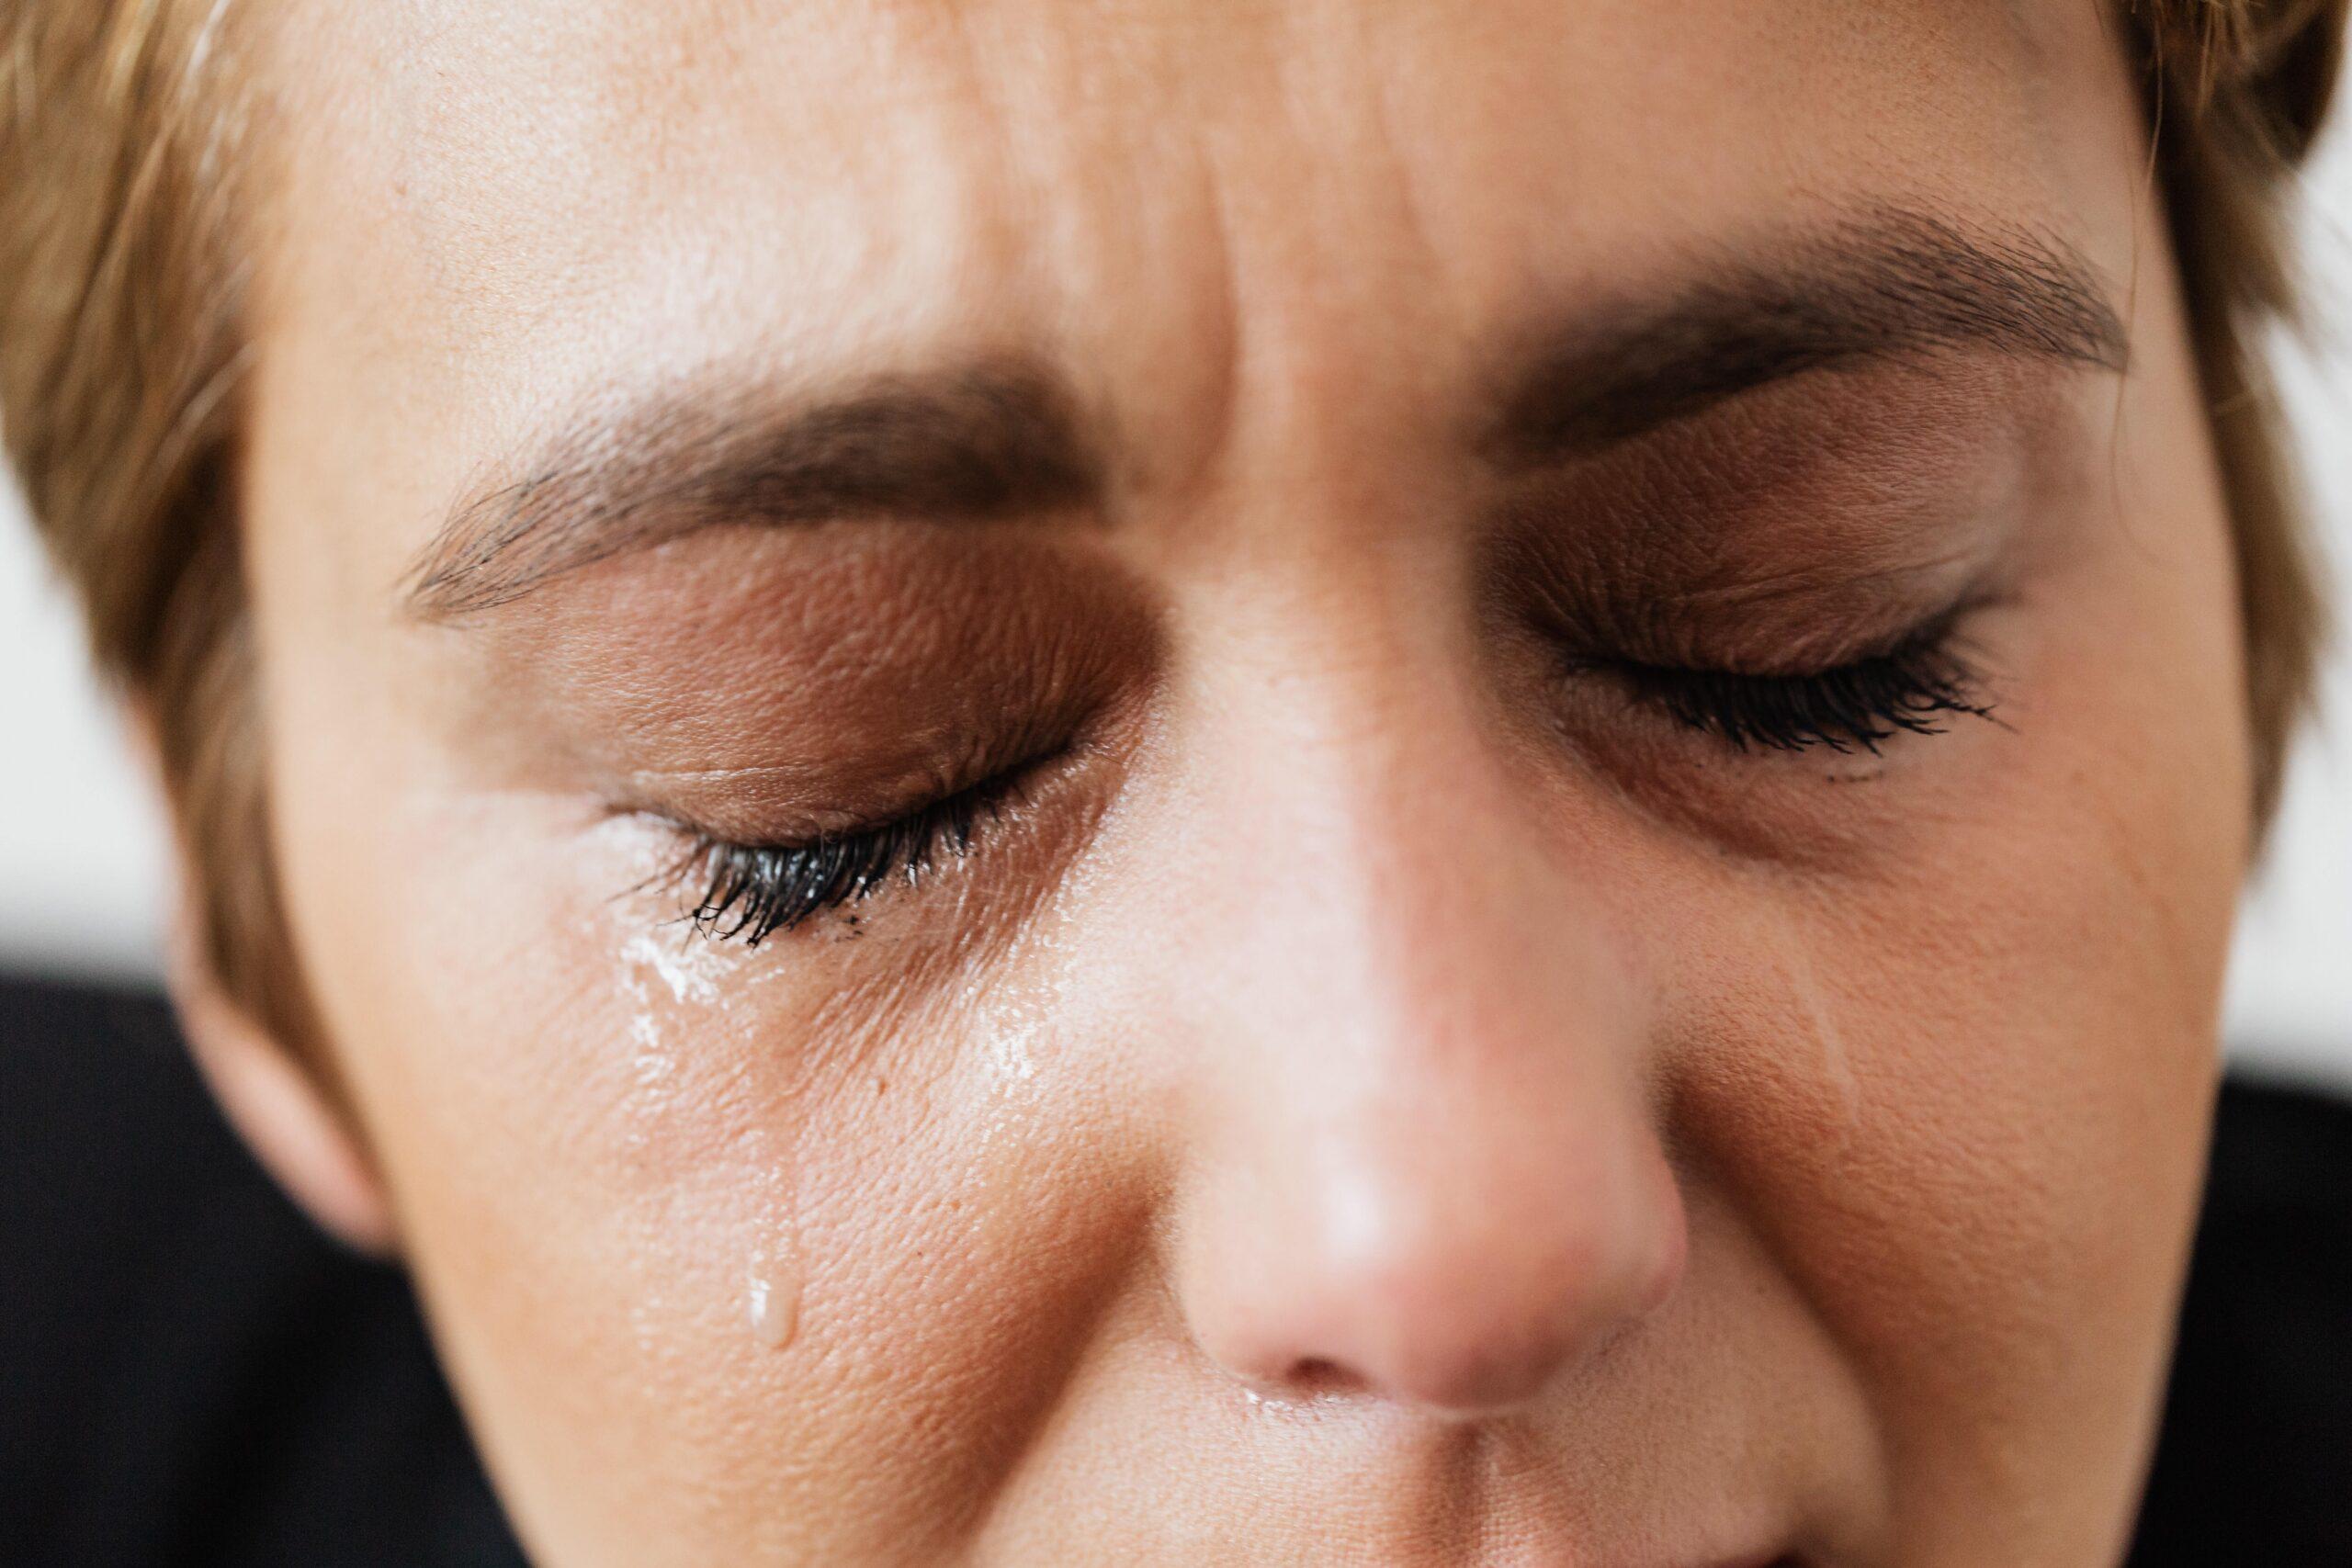 Fájdalom, szülés utáni depresszió